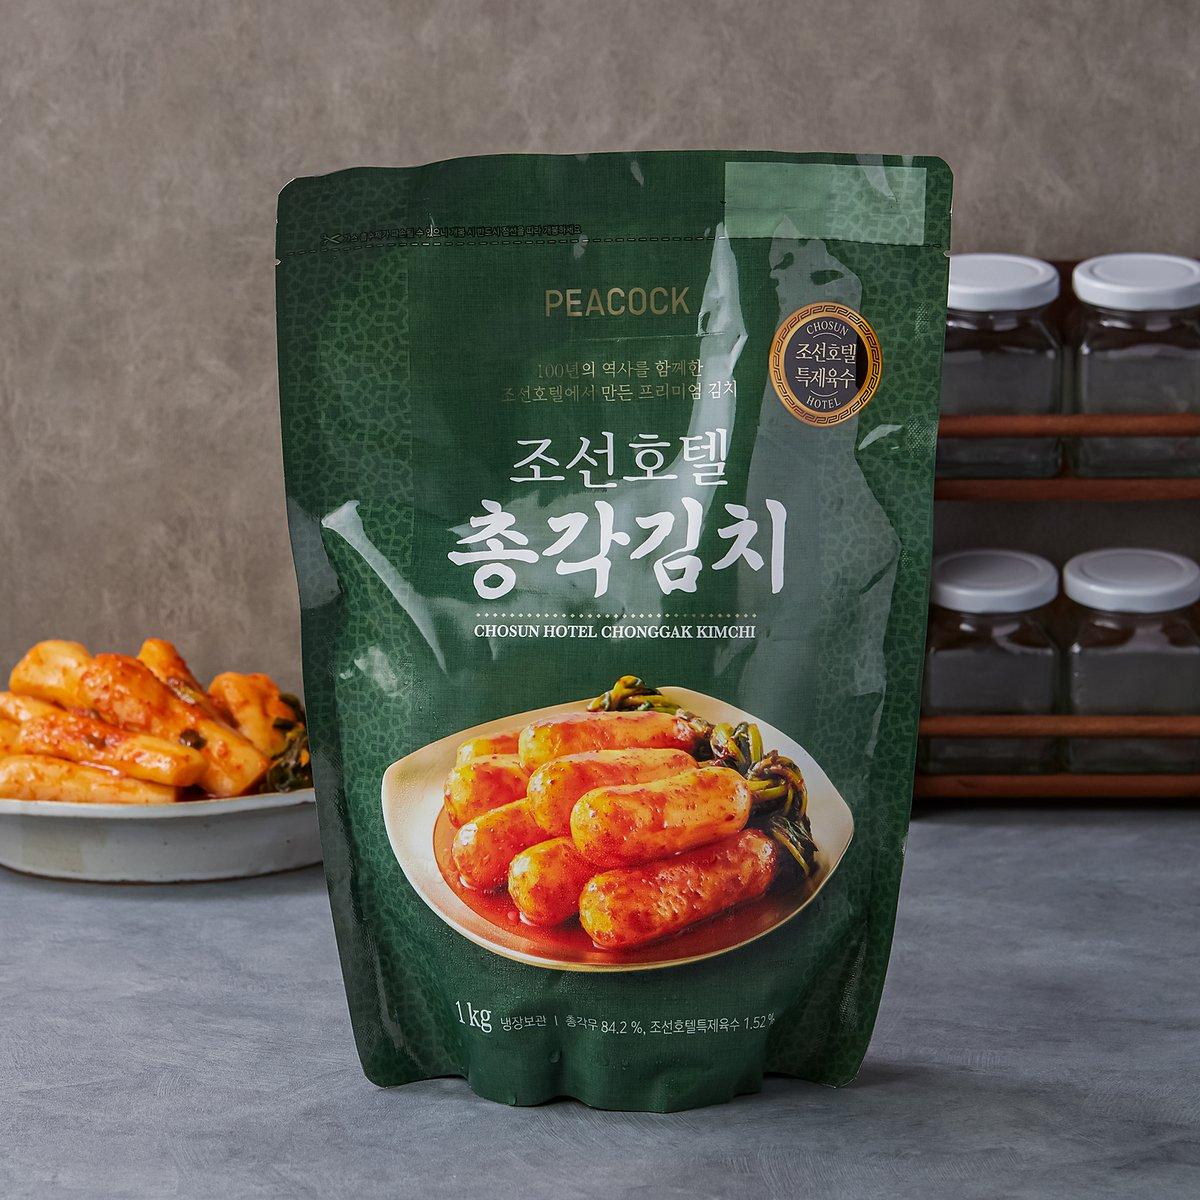 [피코크] 조선호텔 총각김치 1kg